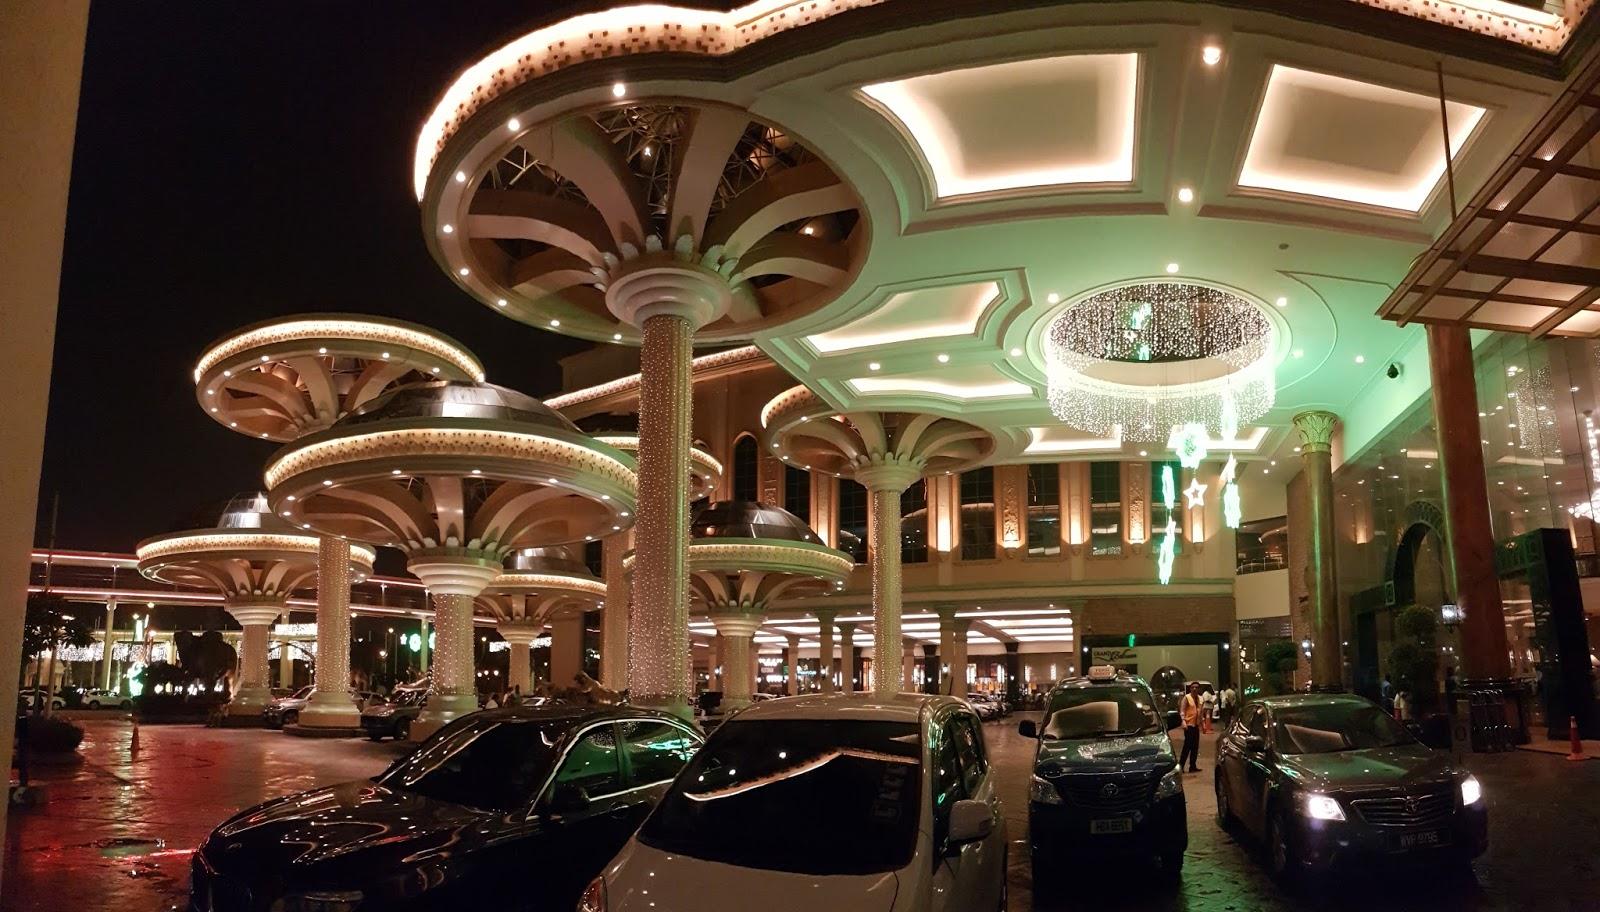 sunway resort Sunway resort hotel & spa, petaling jaya: see 1,988 traveller reviews, 2,195 photos, and cheap rates for sunway resort hotel & spa, ranked #6 of 51 hotels in petaling jaya and rated 4 of 5 at tripadvisor.